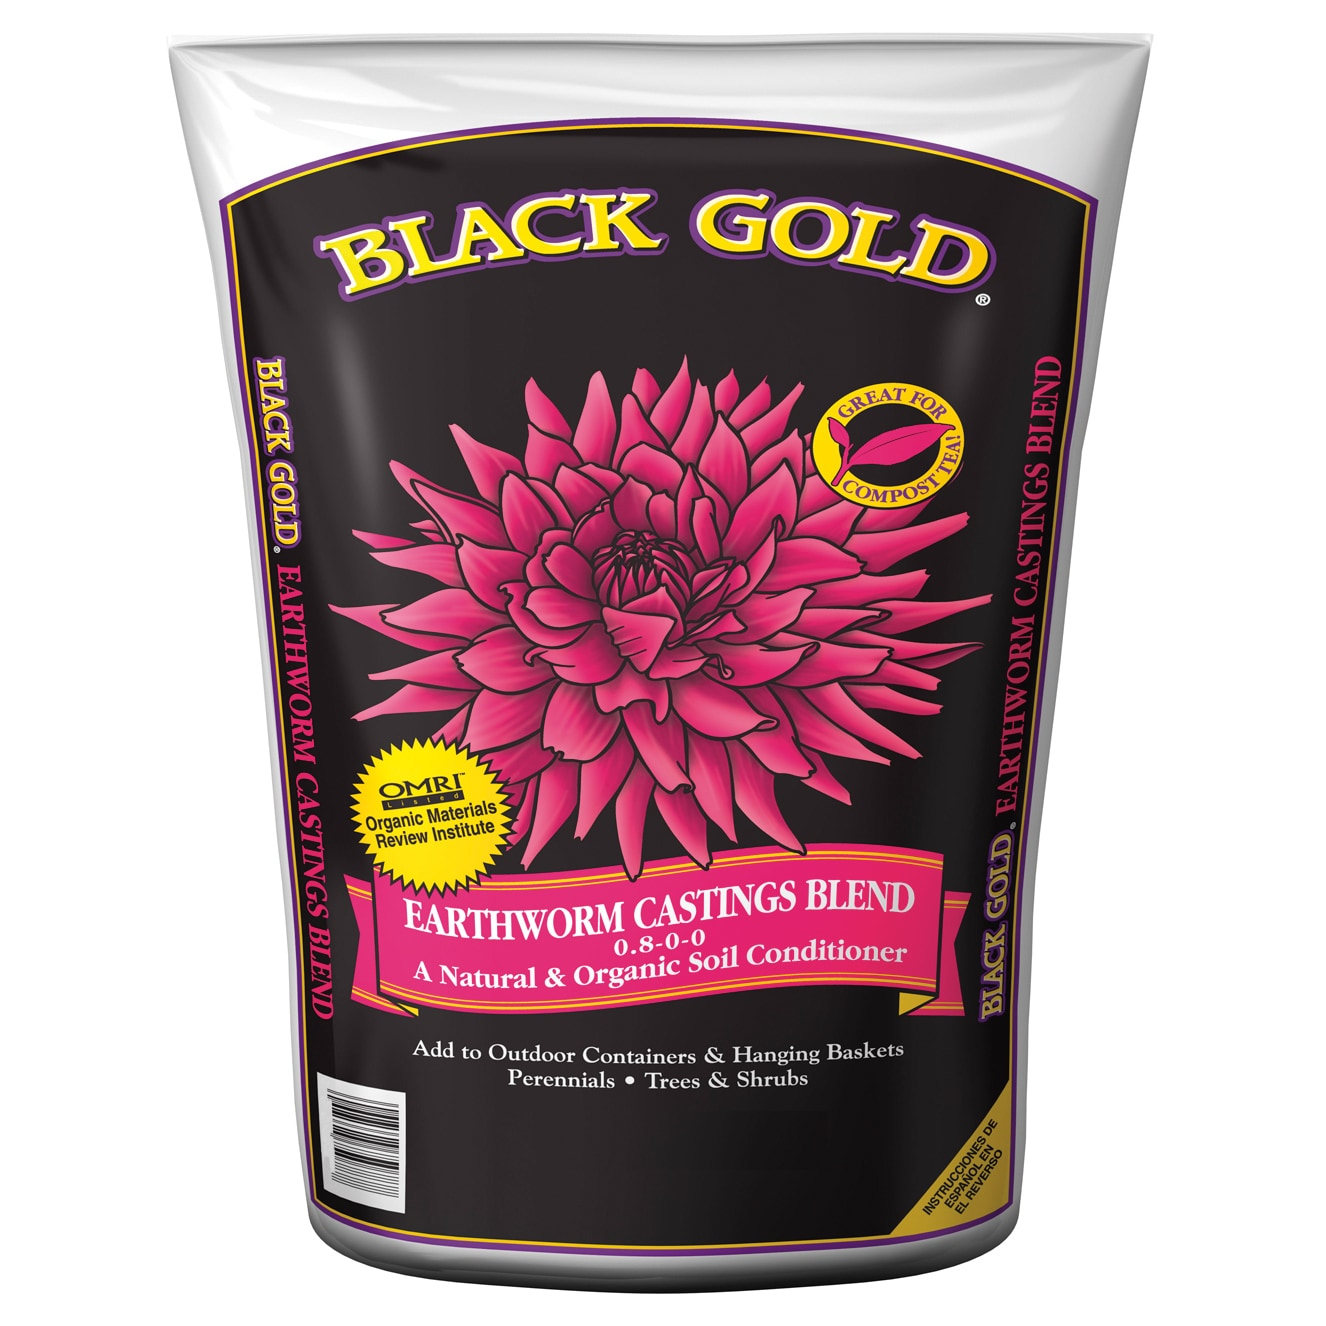 Black Gold 1490302 8 QT P 8 Quart Earthworm Castings Blen...